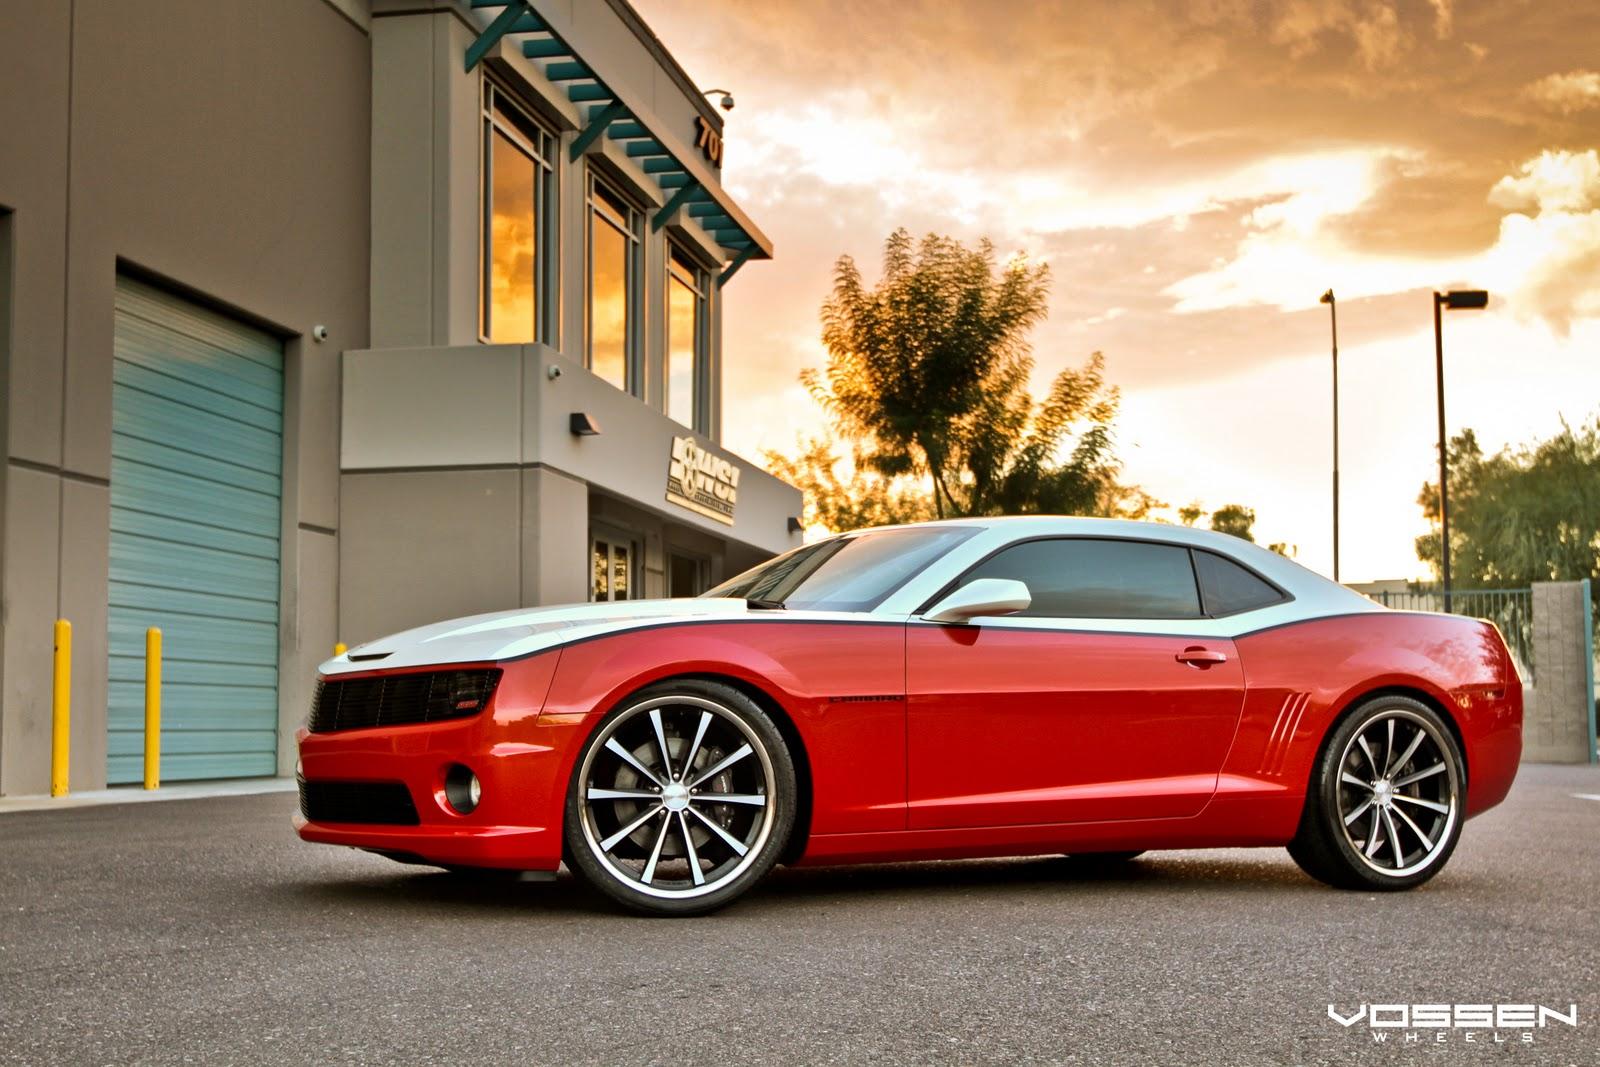 http://1.bp.blogspot.com/_Gq1jO6iuU2U/TS-k-PyGhMI/AAAAAAAAHcU/bnE74agsKdw/s1600/Chevrolet+Camaro+SS+on+Vossen+HD+wallpaper.jpg